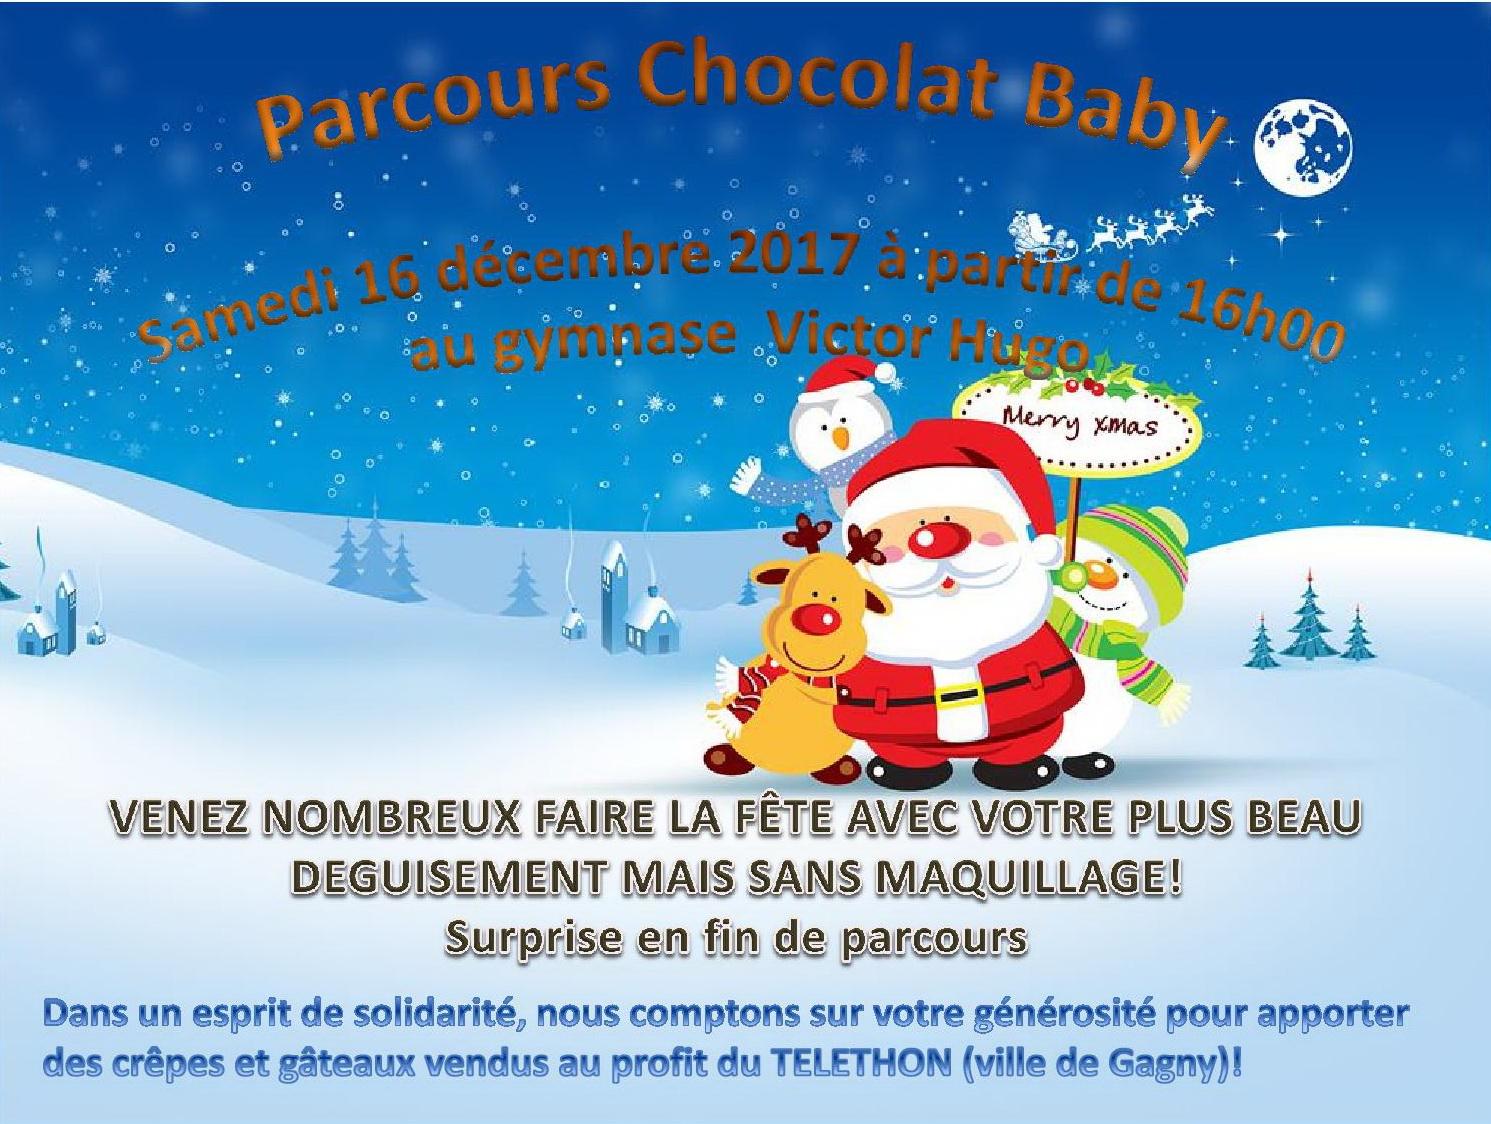 Parcours chocolat